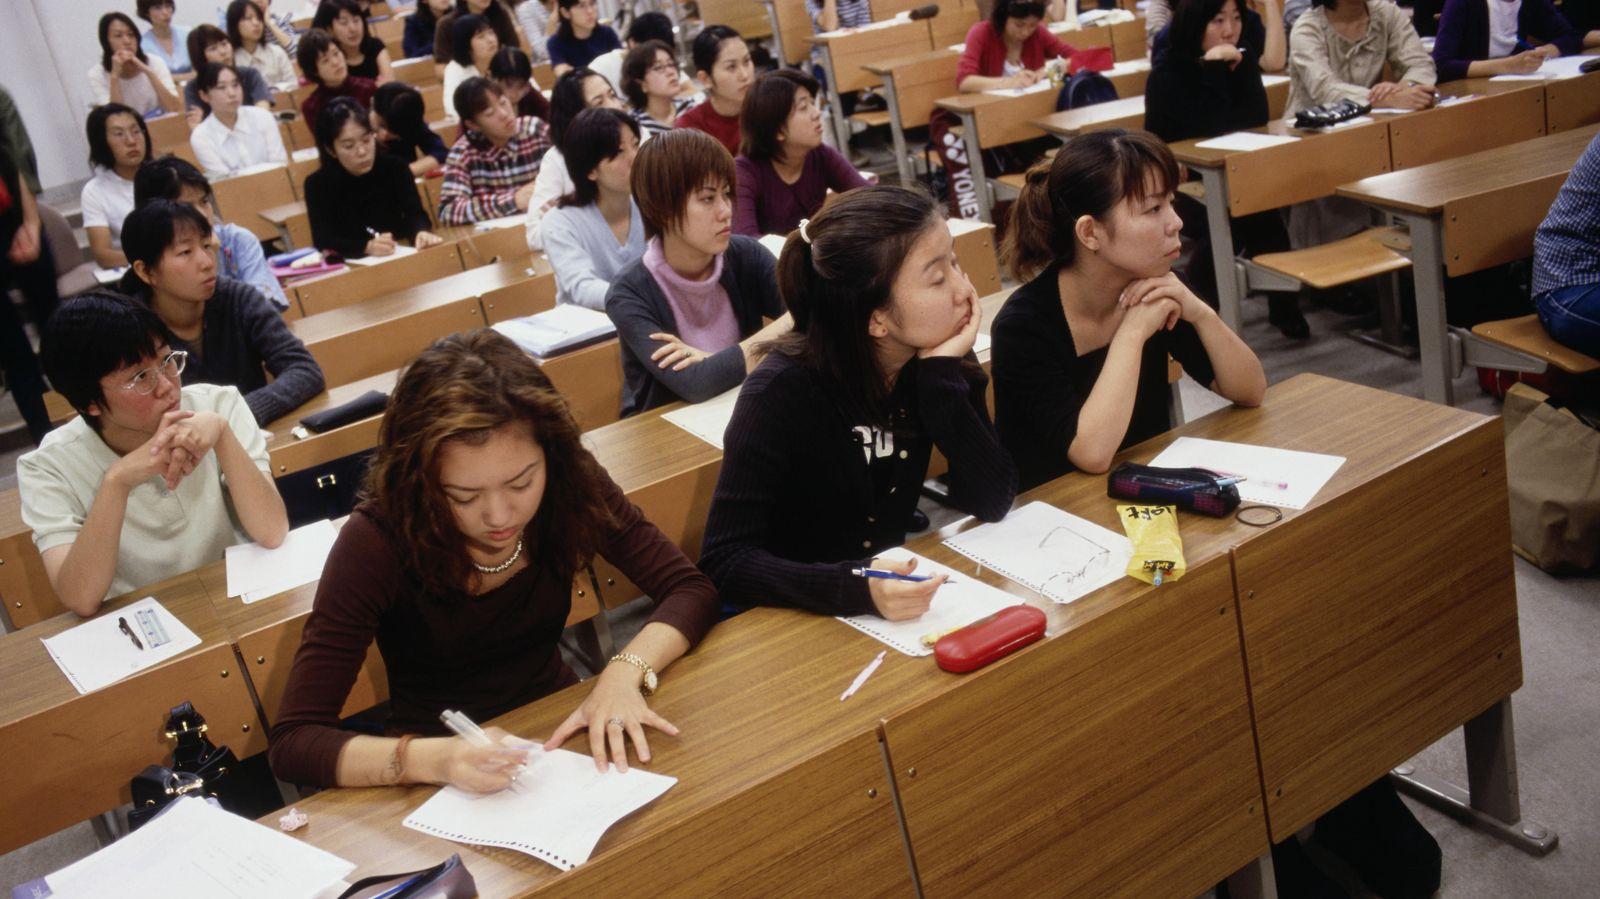 Foto: Las universidades japonesas han sido objeto de grandes críticas durante los últimos años. (Corbis)